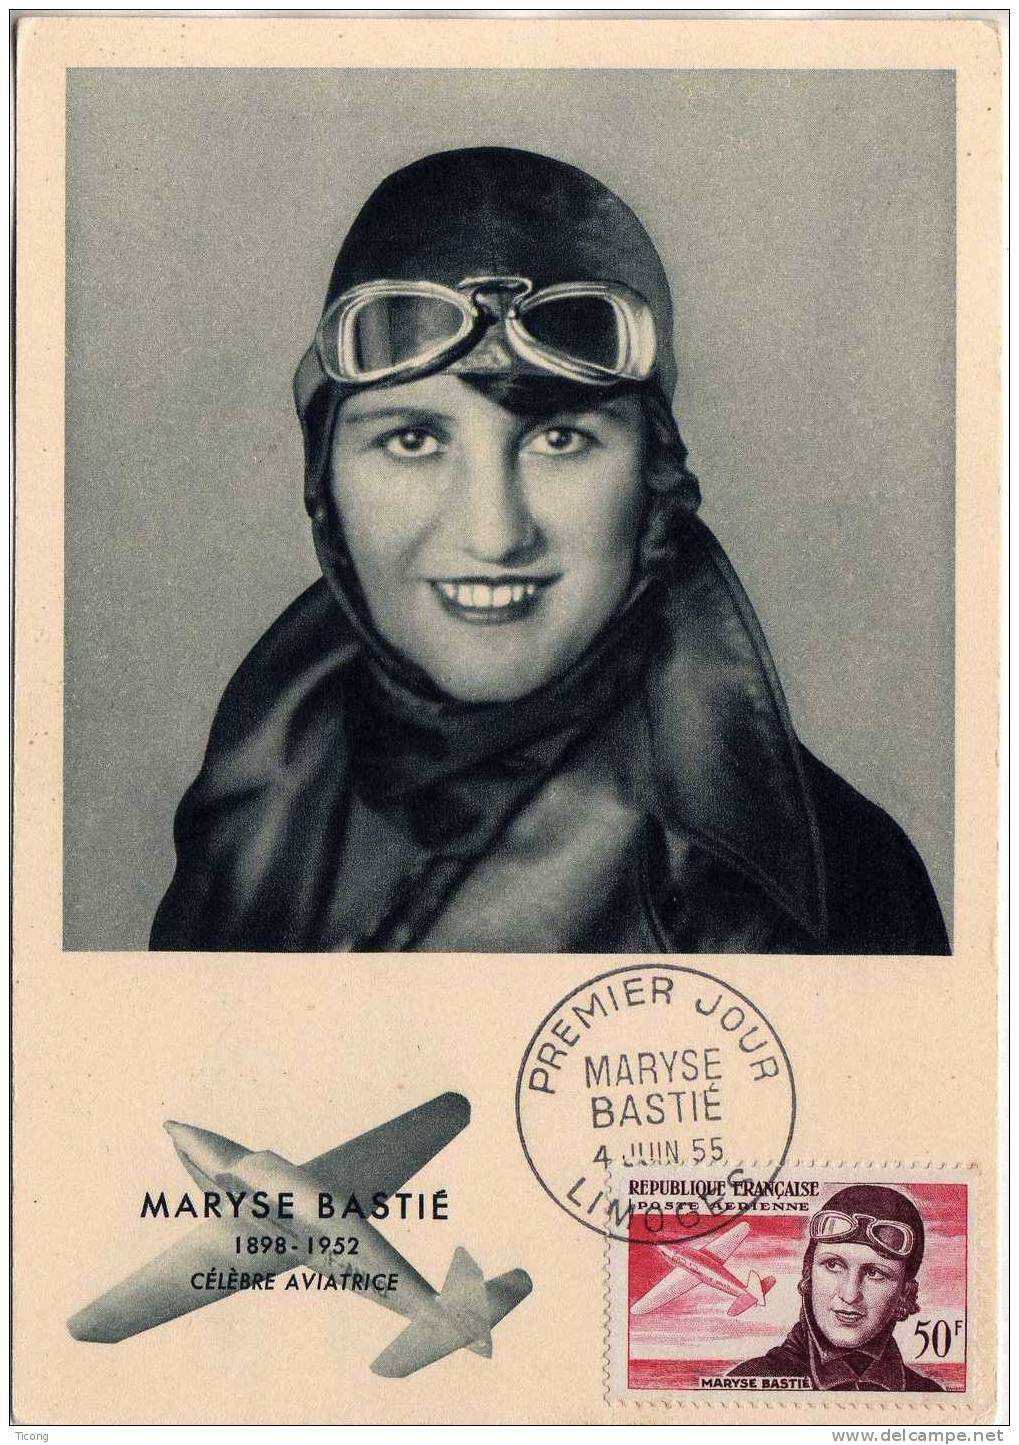 PREMIER JOUR MARYSE BASTIE LIMOGES 4 JUIN 1955 - AVIATRICE 1898 - 1952  ( EDITION BOURGOGNE DIJON ) CARTE OFFICIELLE - Poste Aérienne